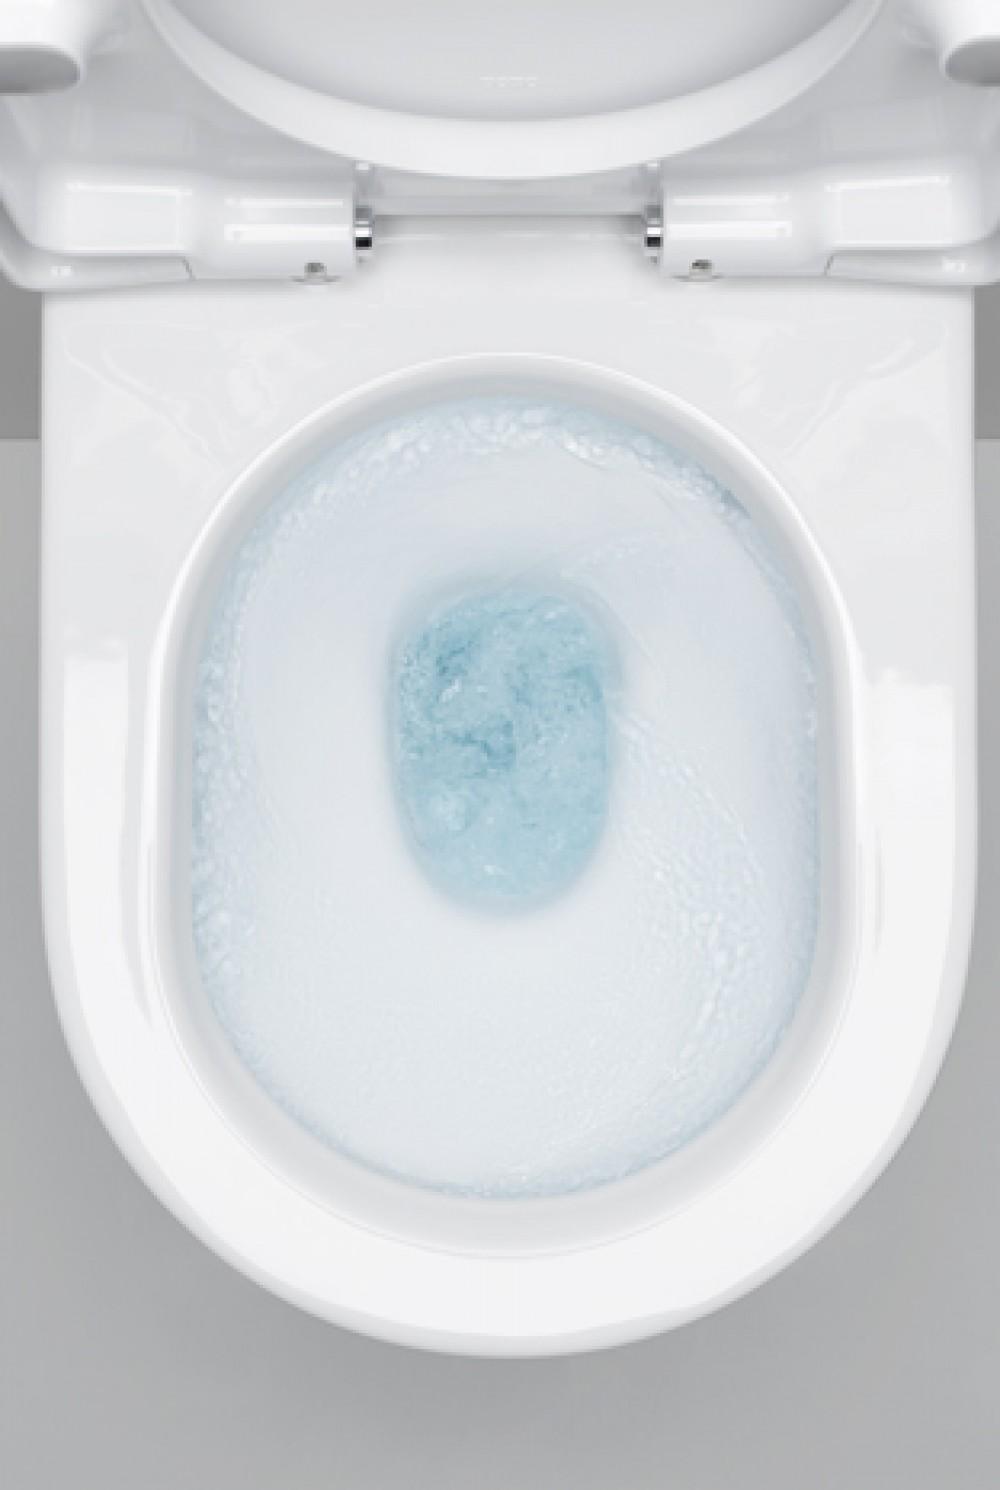 spulrandlos toto washlet tooaleta